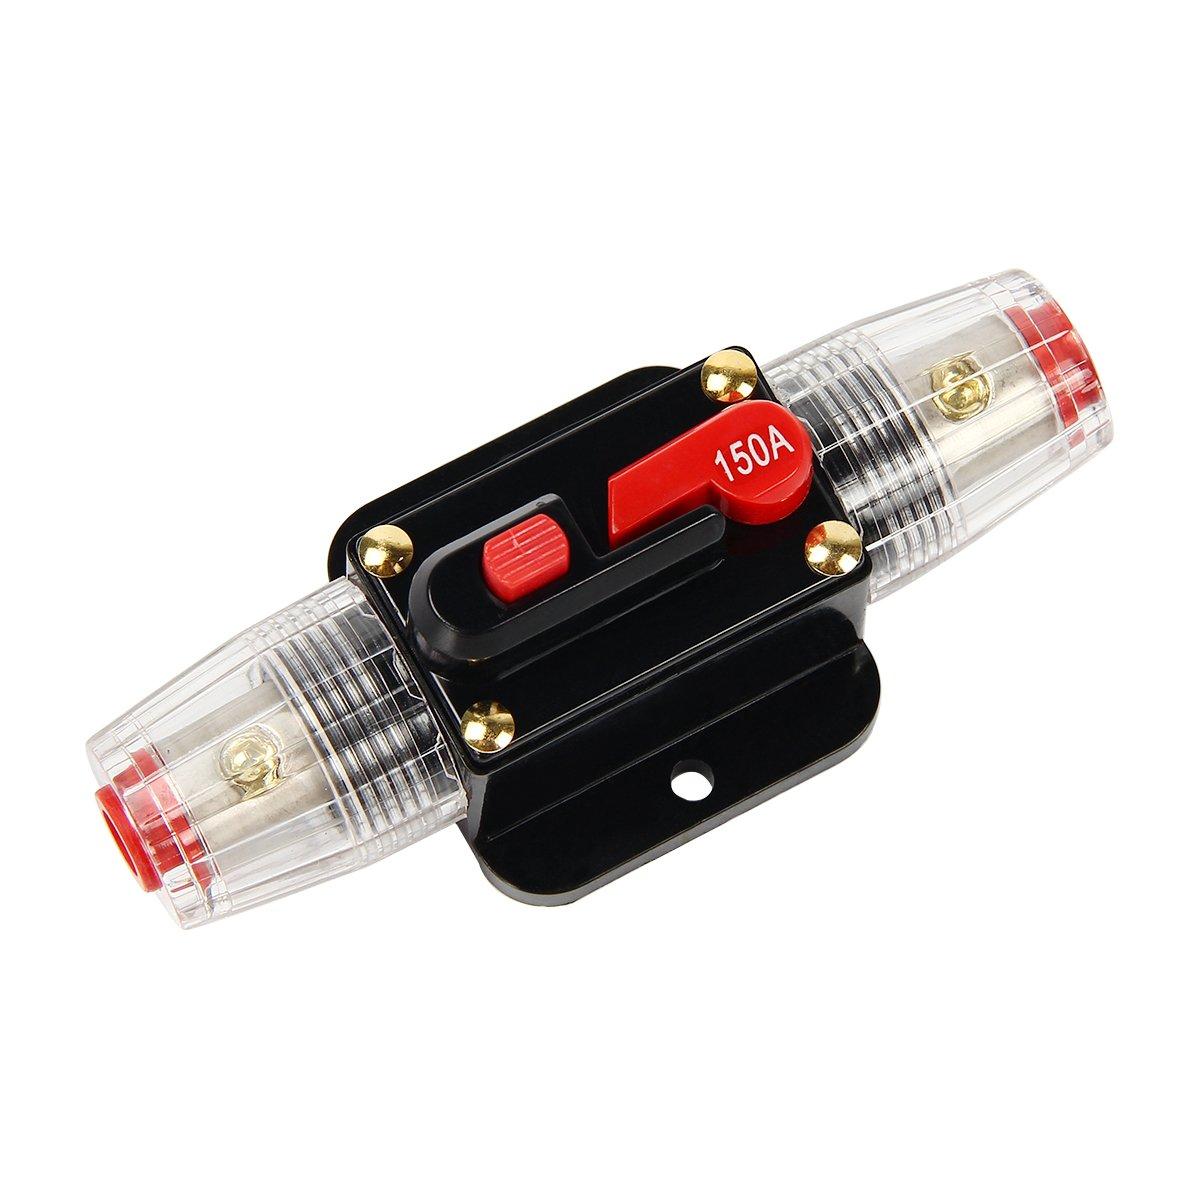 Latinaric 12 V-24 V DC Interruttore di Circuito portafusibile per audio automobile inverter solare, protezione sistema 20A/30A/40A/50A/60A/80A/100A/150A